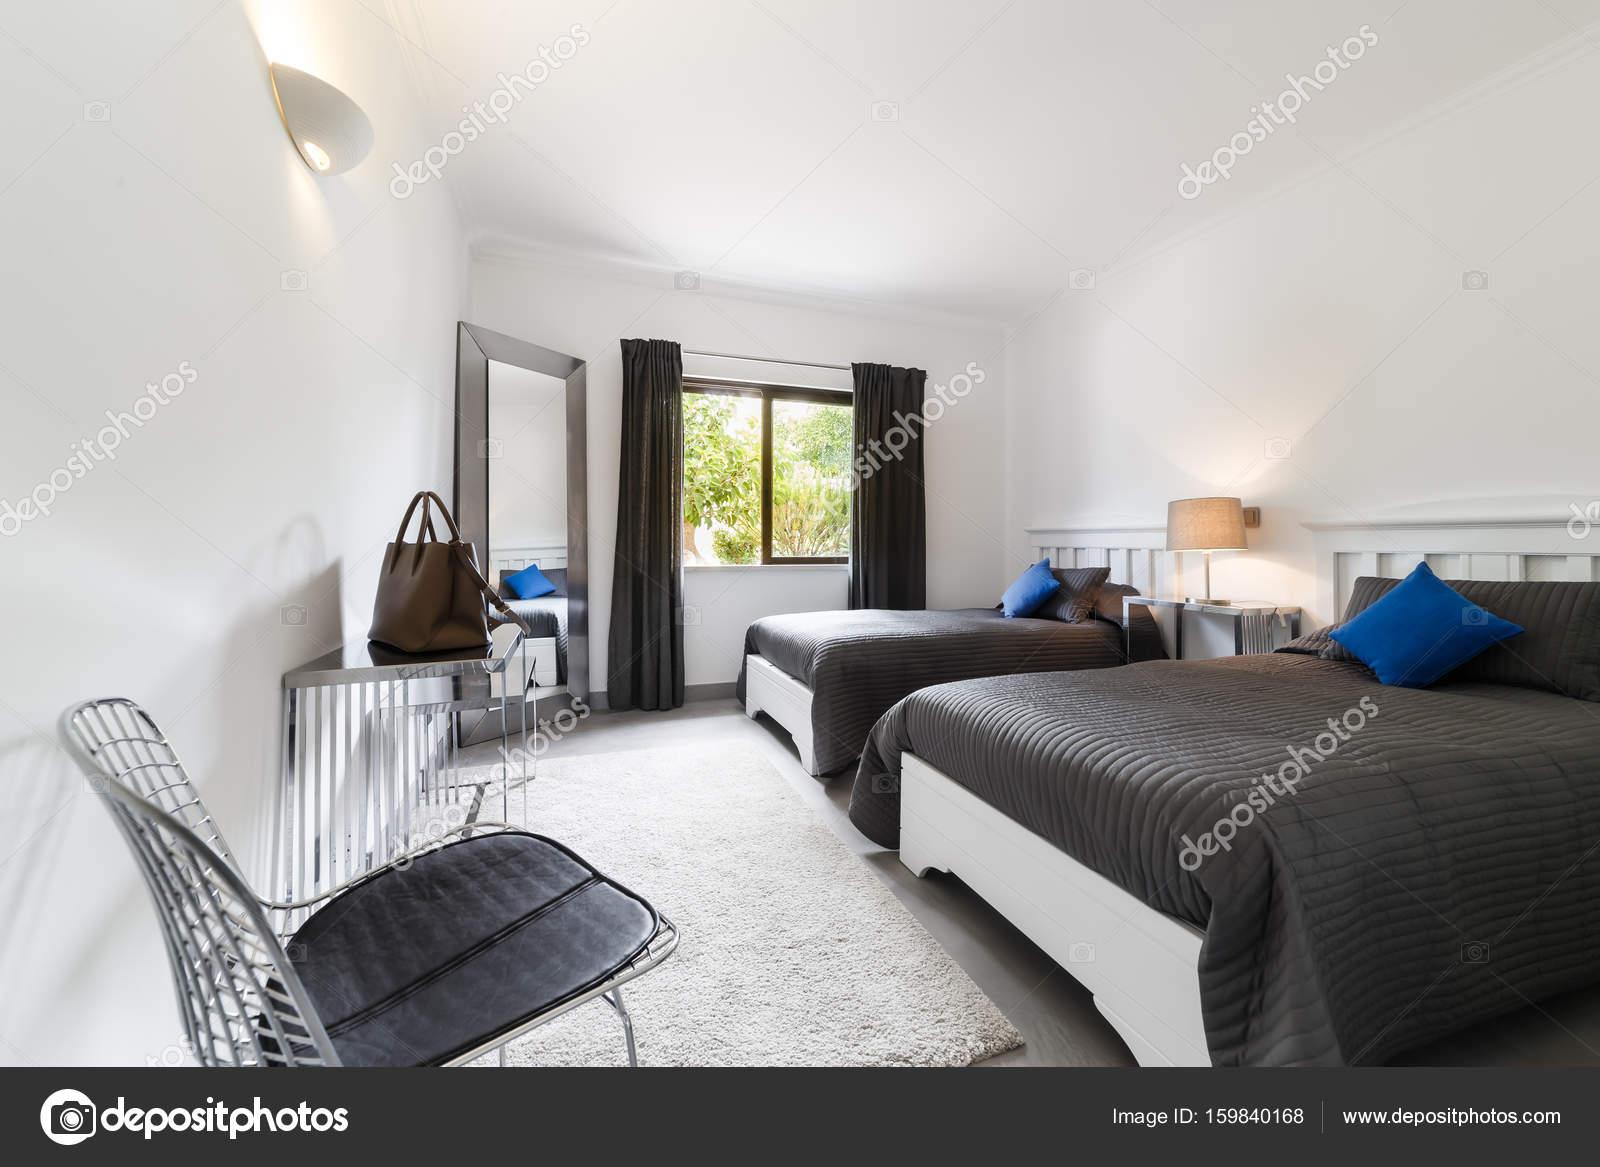 Pavimento Grigio Moderno : Appartamento moderno con pareti bianche e pavimento grigio chiaro